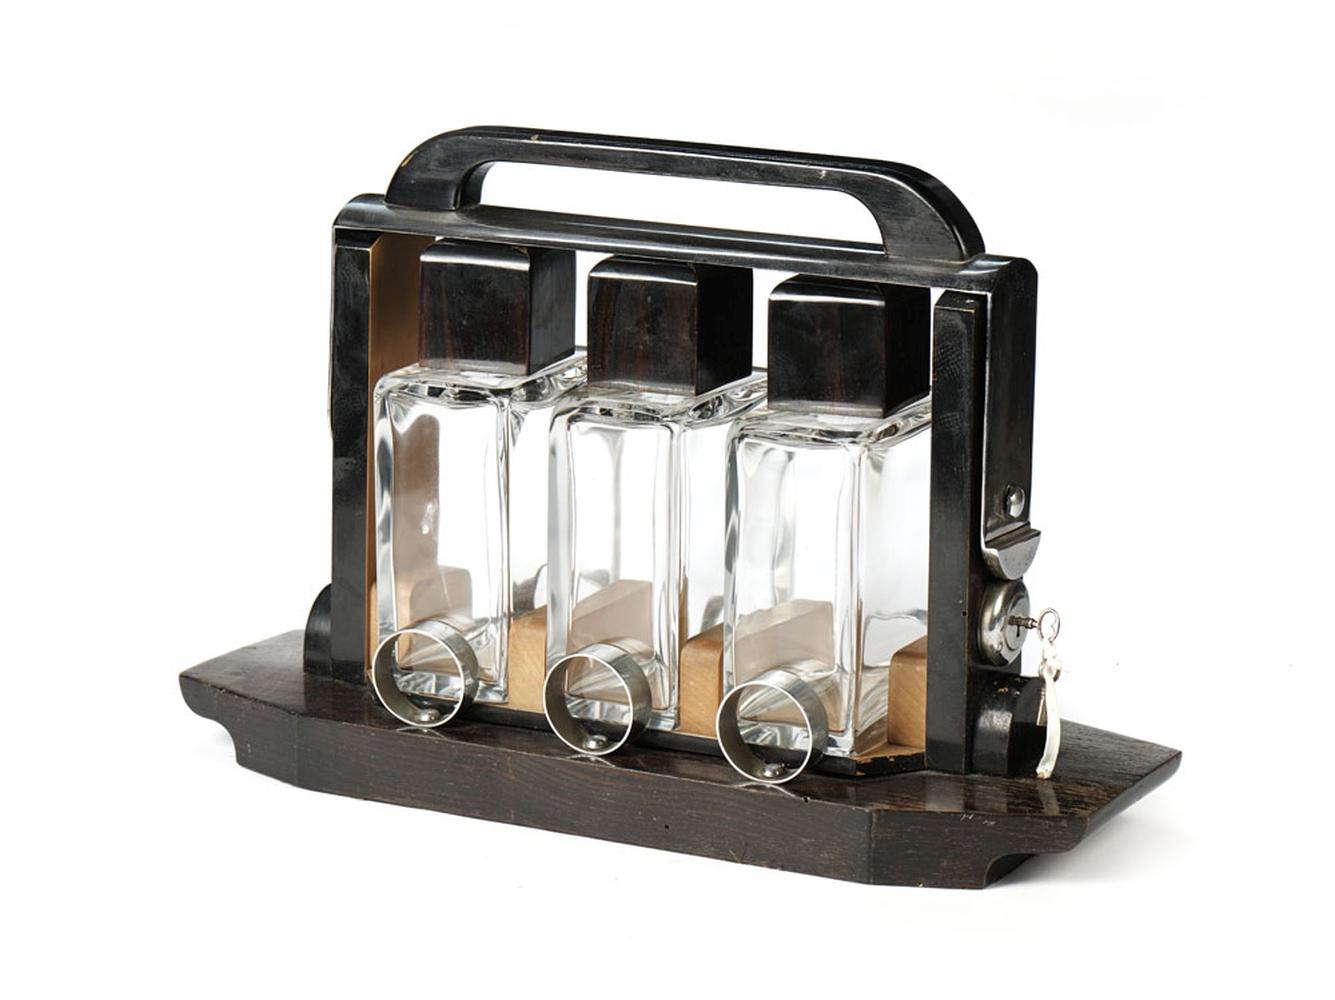 Tântalo em madeira e metal, com três garrafas